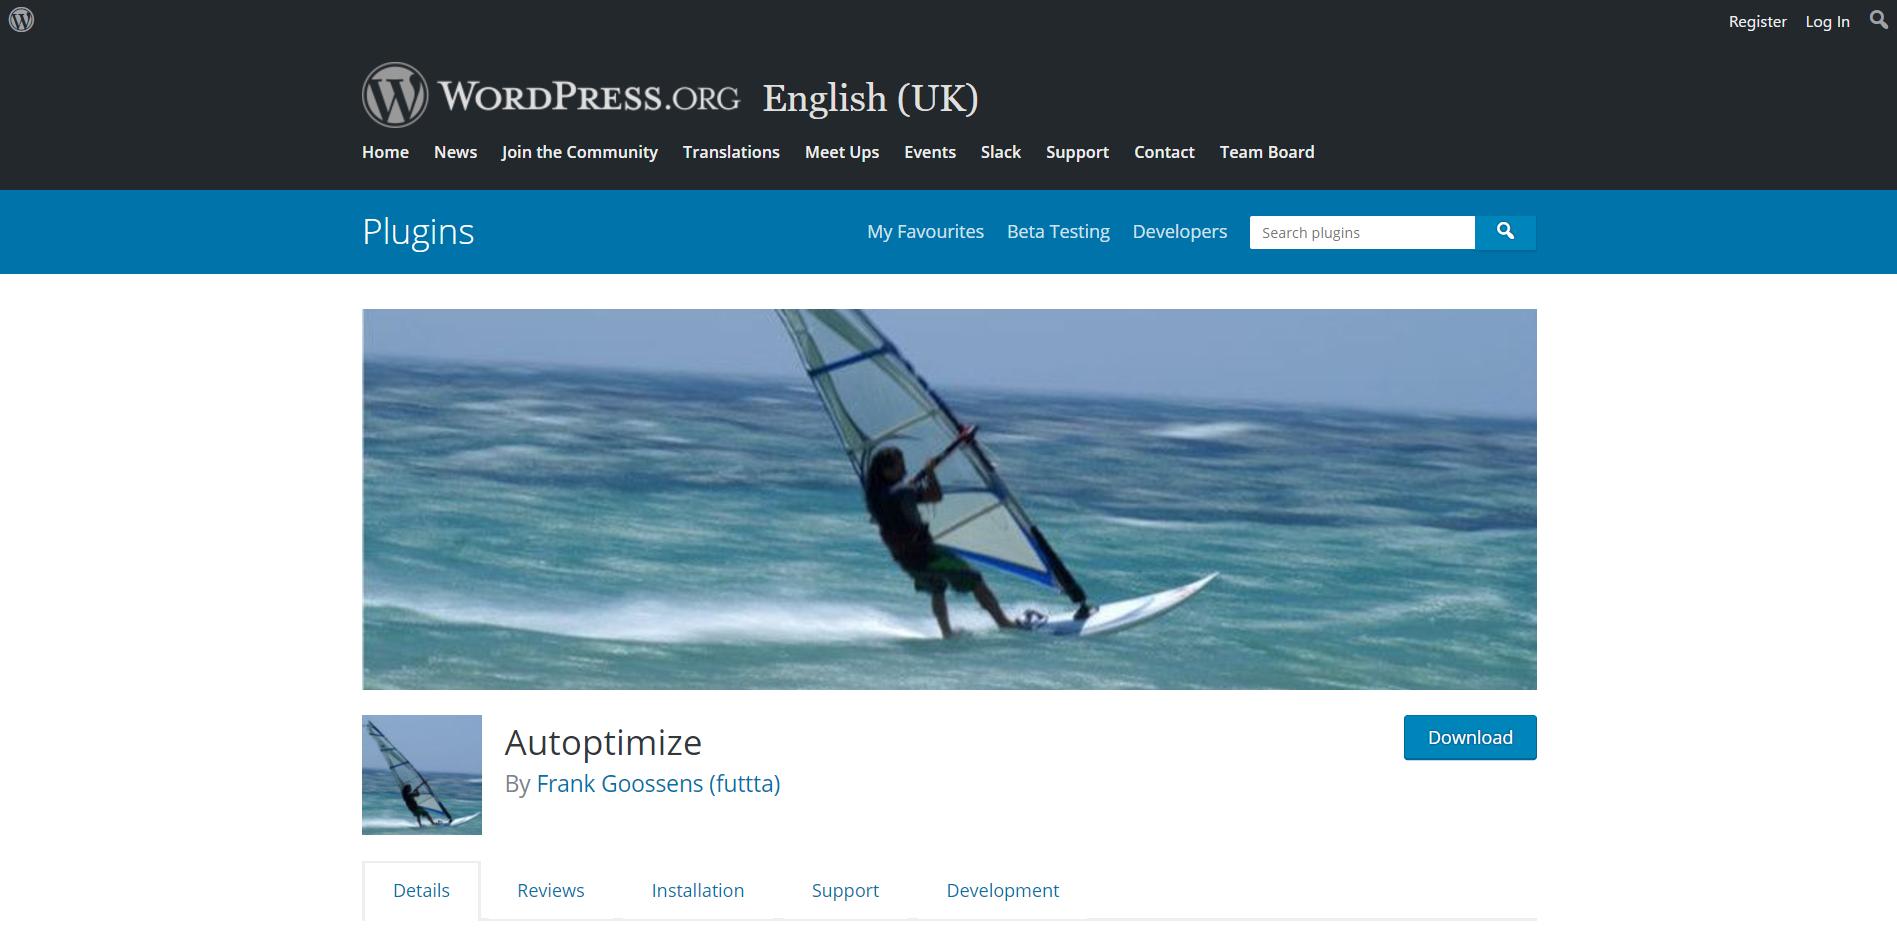 autoptimize - Collab365 Community